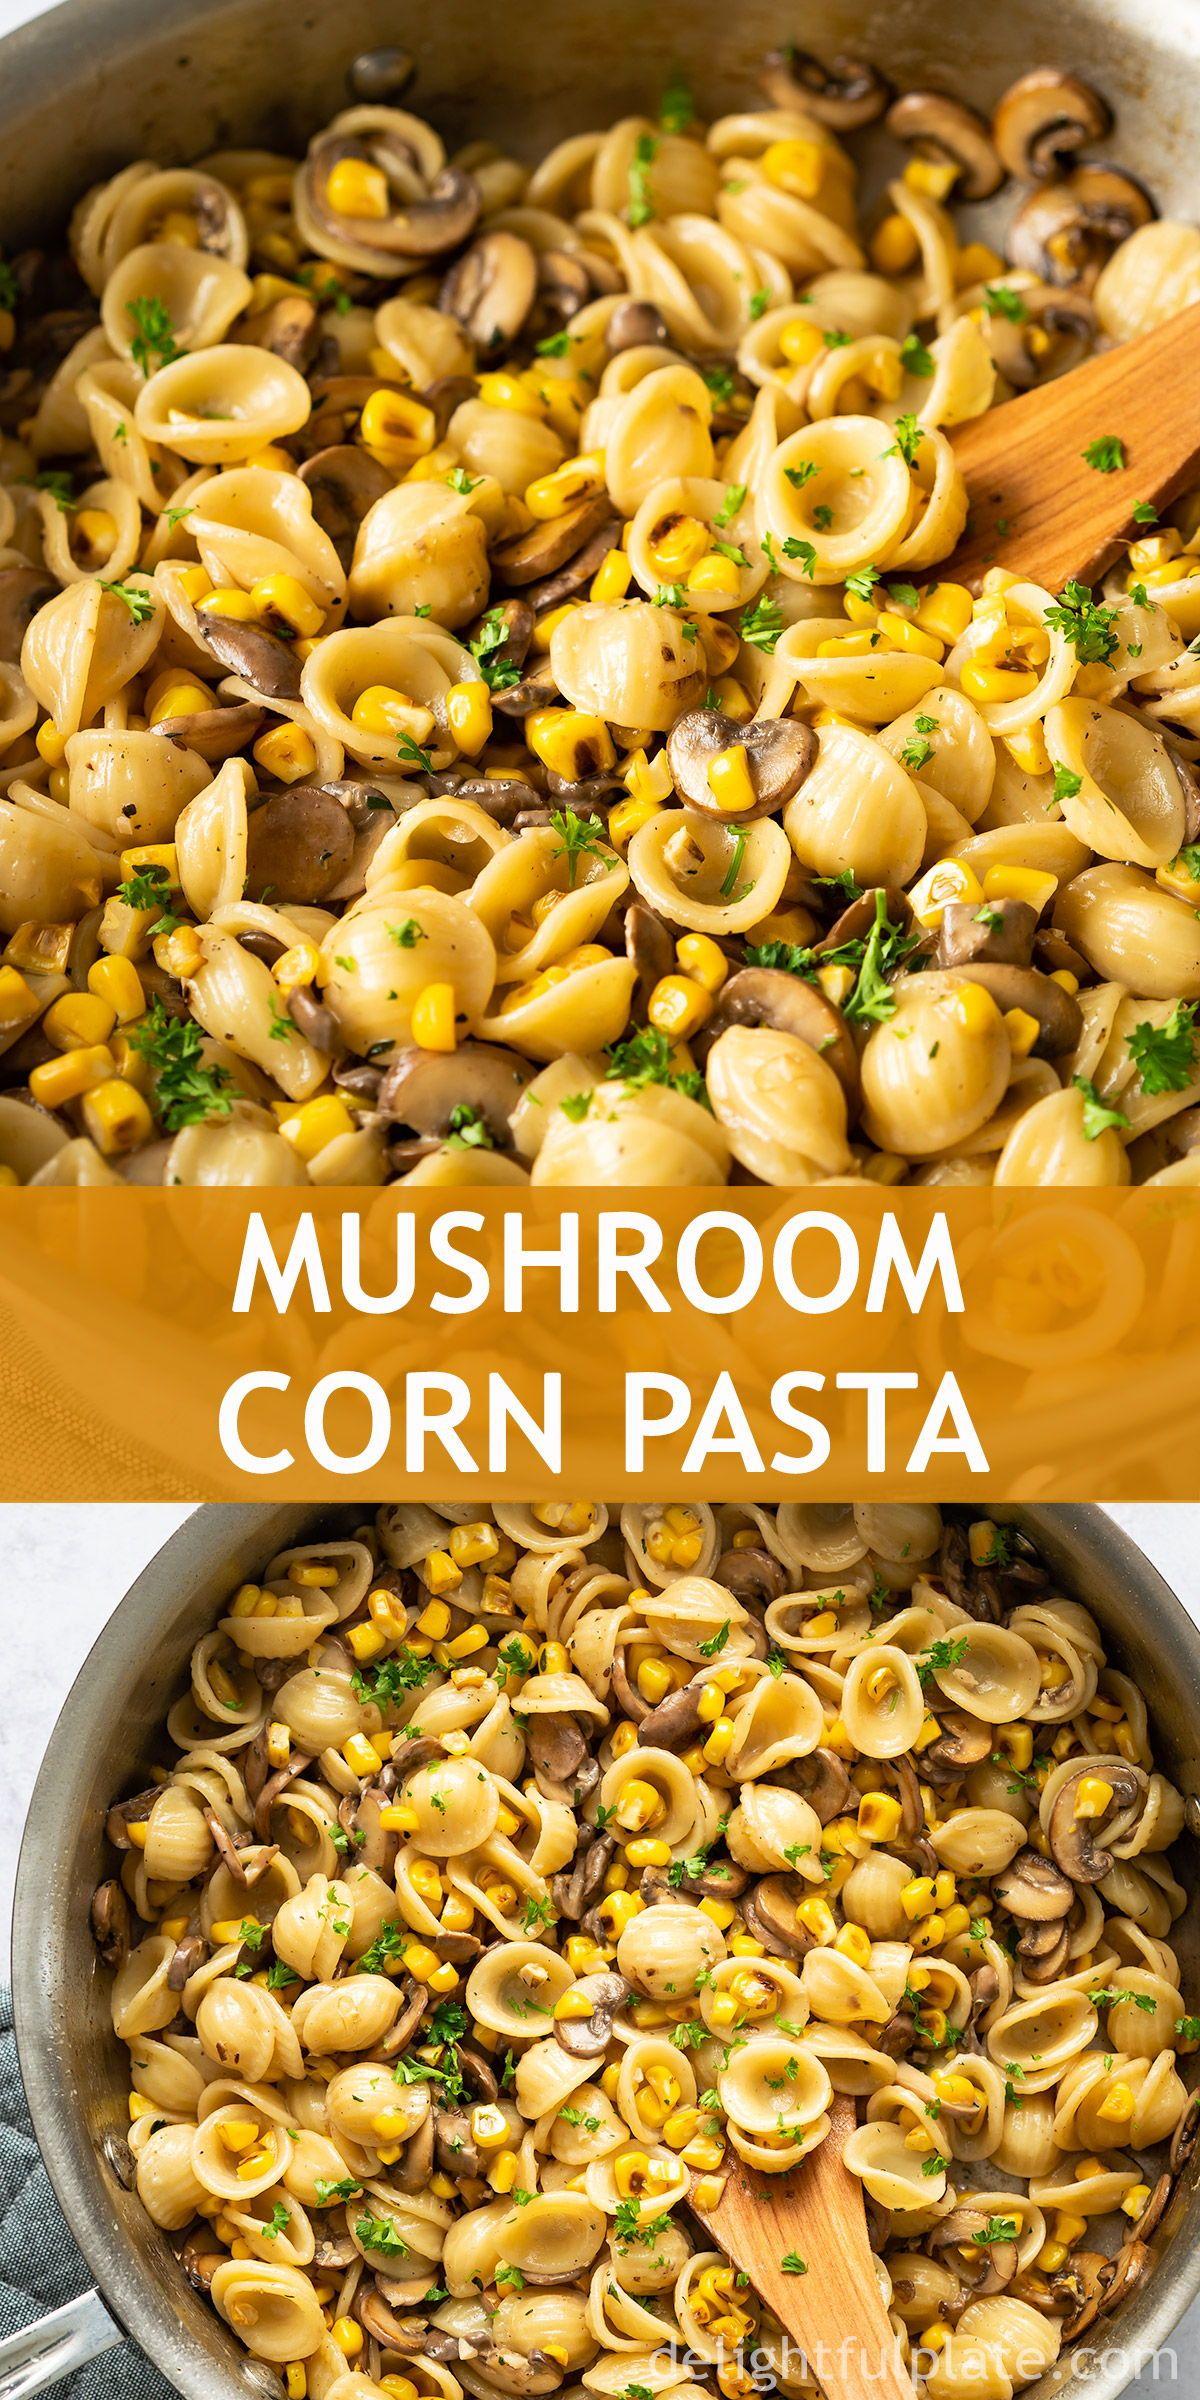 Mushroom Corn Pasta images